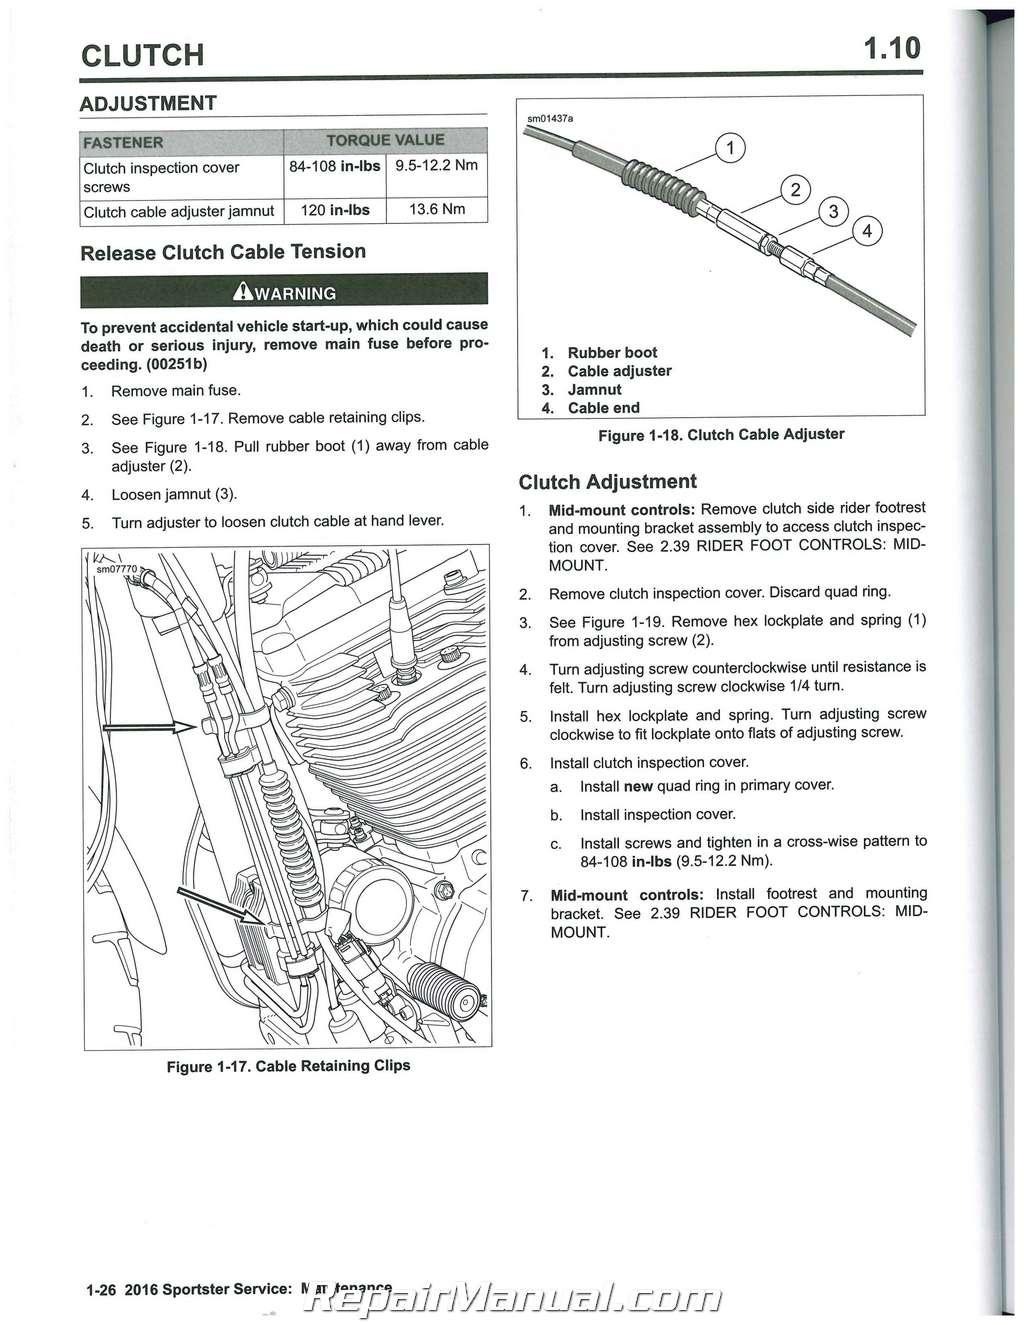 harley davidson sportster shop manual